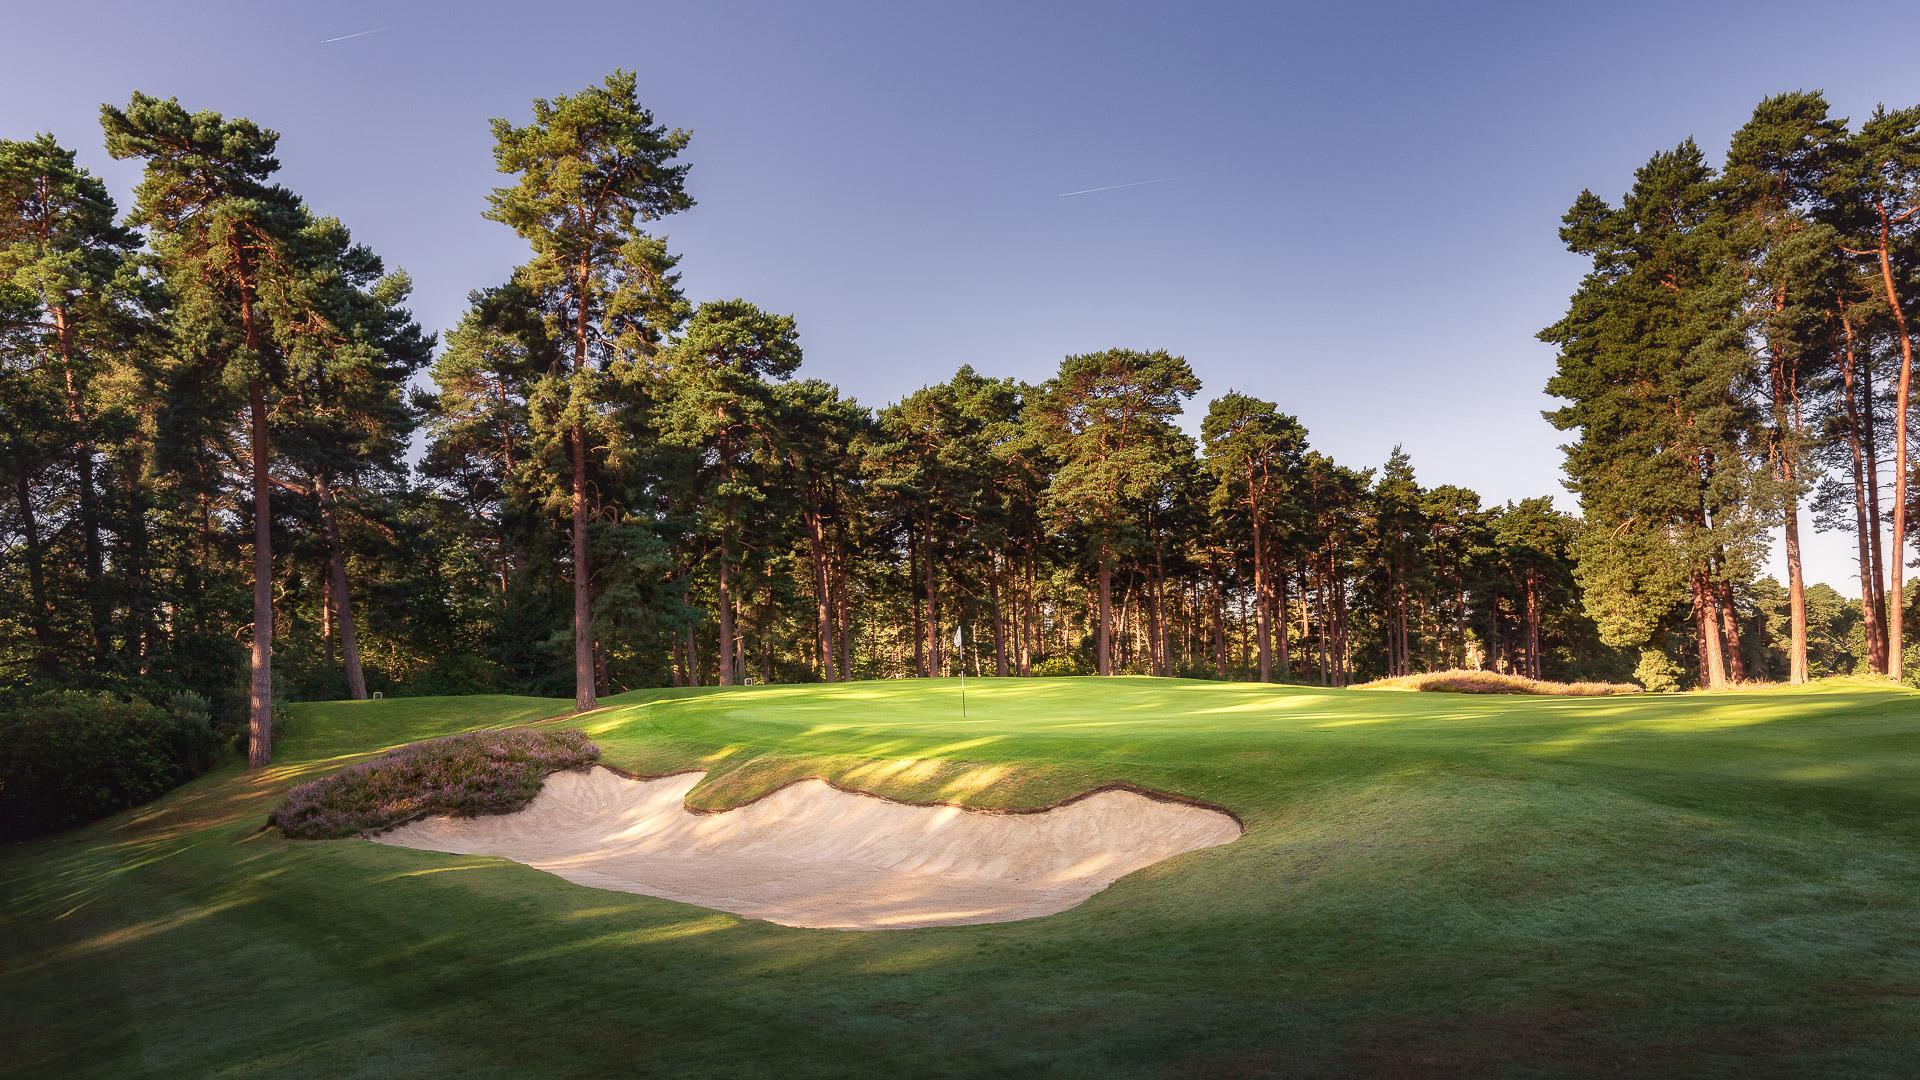 14th-Hole-St-Georges-Hill-Golf-Club-2267-Edit